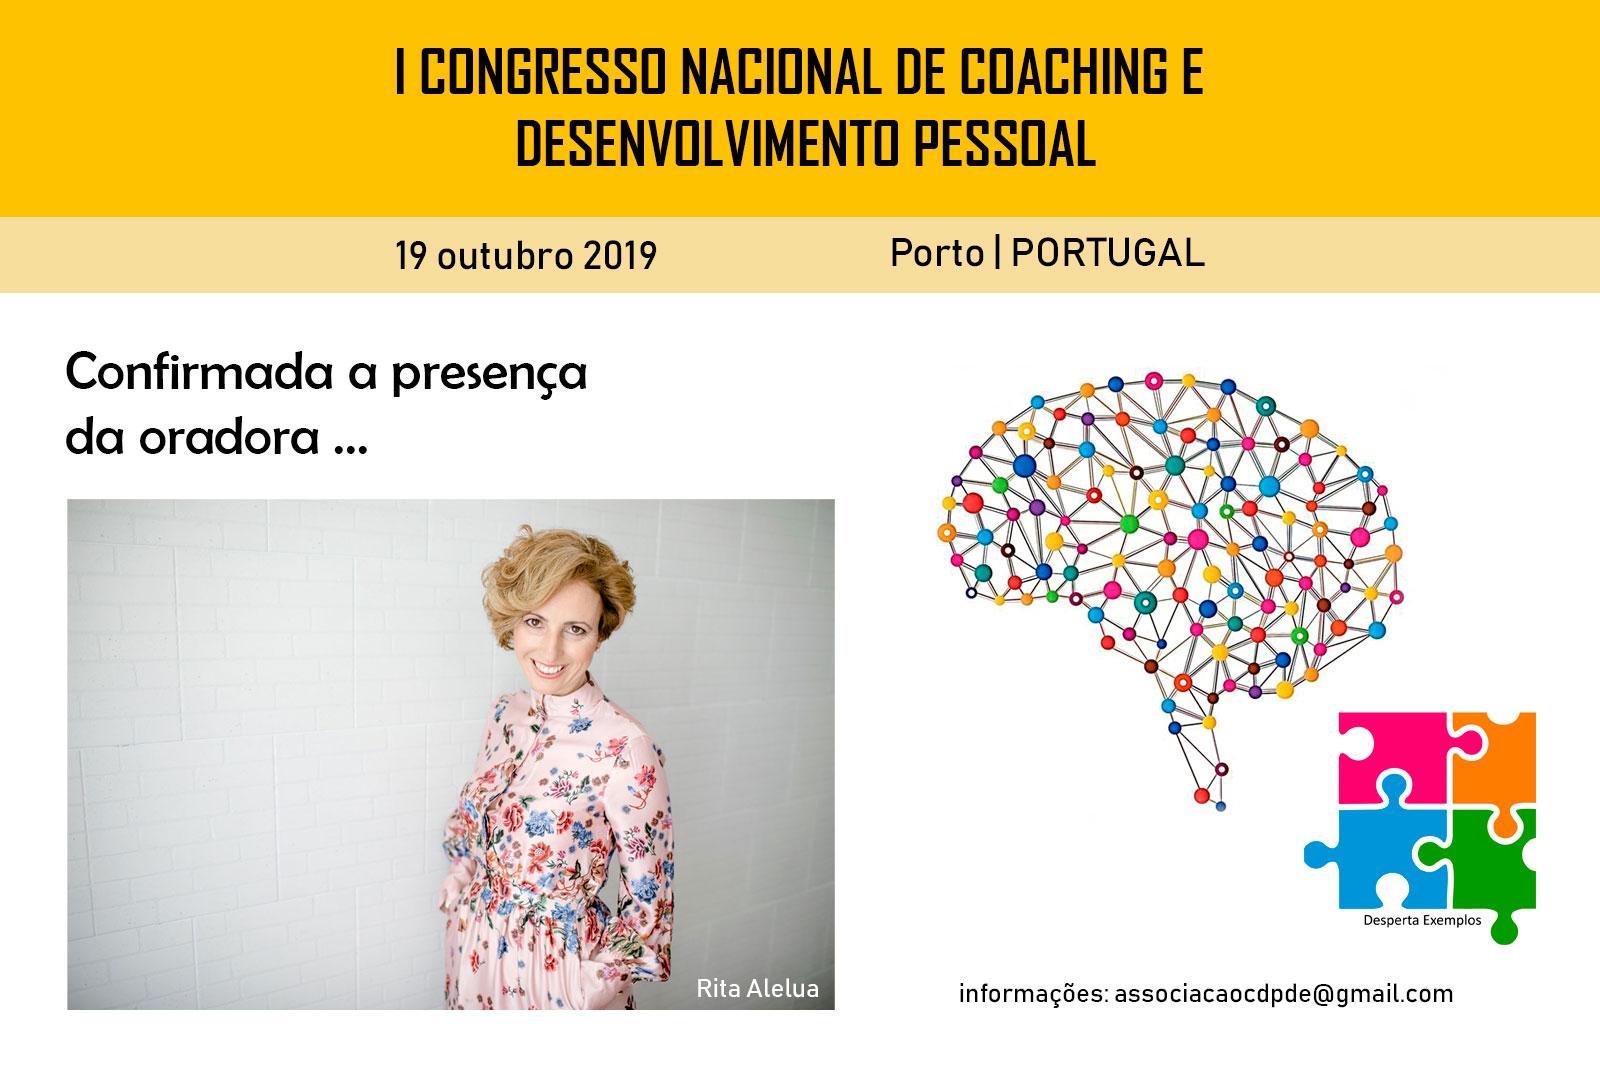 I Congresso Nacional de Coaching e Desenvolvimento Pessoal